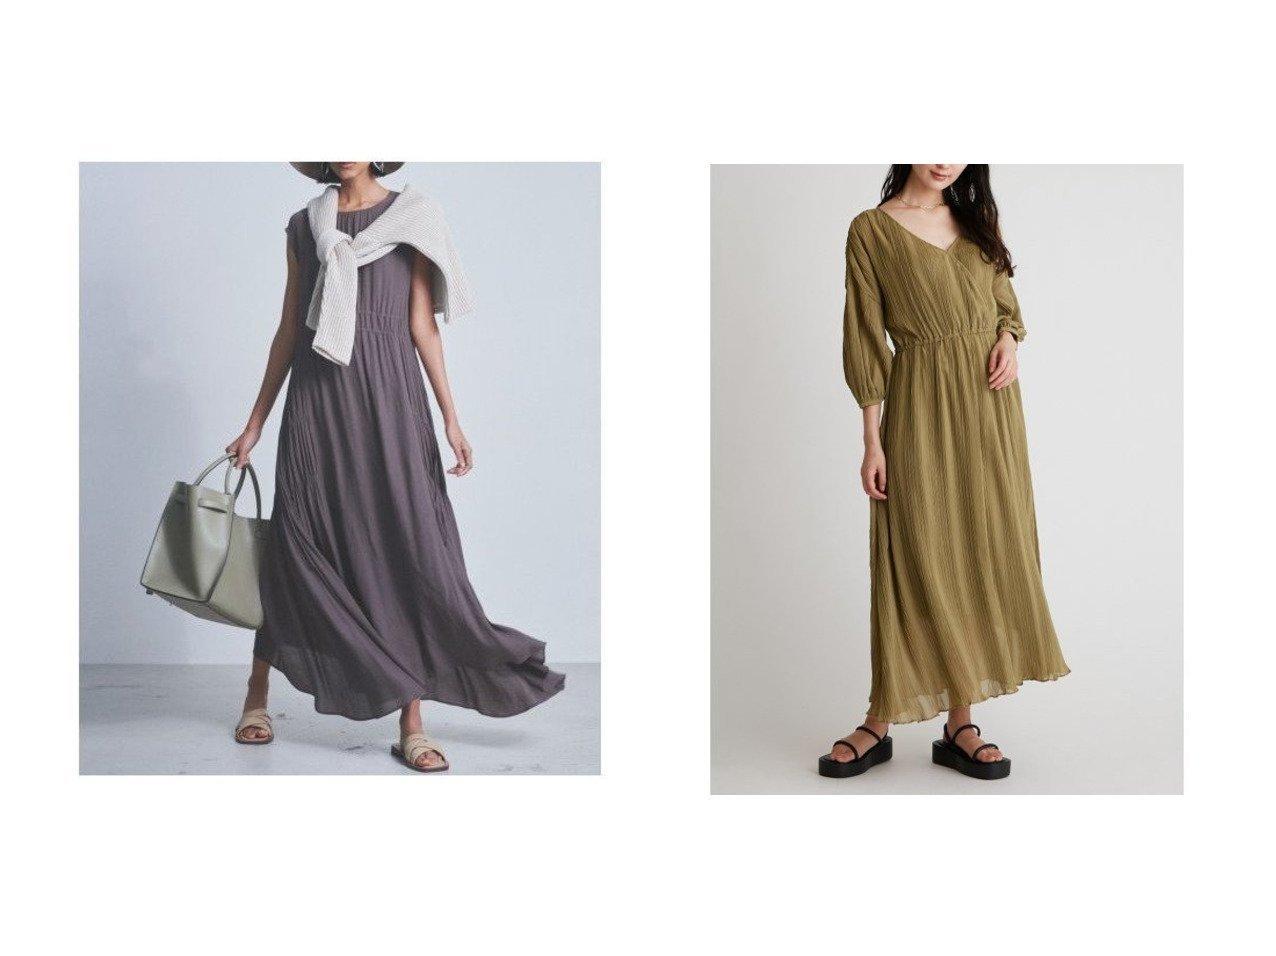 【Mila Owen/ミラオーウェン】のランダムプリーツパフスリーブワンピース&サイドギャザーノースリロングワンピース 【ワンピース・ドレス】おすすめ!人気、トレンド・レディースファッションの通販  おすすめで人気の流行・トレンド、ファッションの通販商品 メンズファッション・キッズファッション・インテリア・家具・レディースファッション・服の通販 founy(ファニー) https://founy.com/ ファッション Fashion レディースファッション WOMEN ワンピース Dress イレギュラー インナー キャミソール ギャザー シャーリング スマート ノースリーブ フロント ルーズ カシュクール シアー シンプル スリーブ テクスチャー デコルテ 長袖 プリーツ ランダム リラックス ロング  ID:crp329100000033357